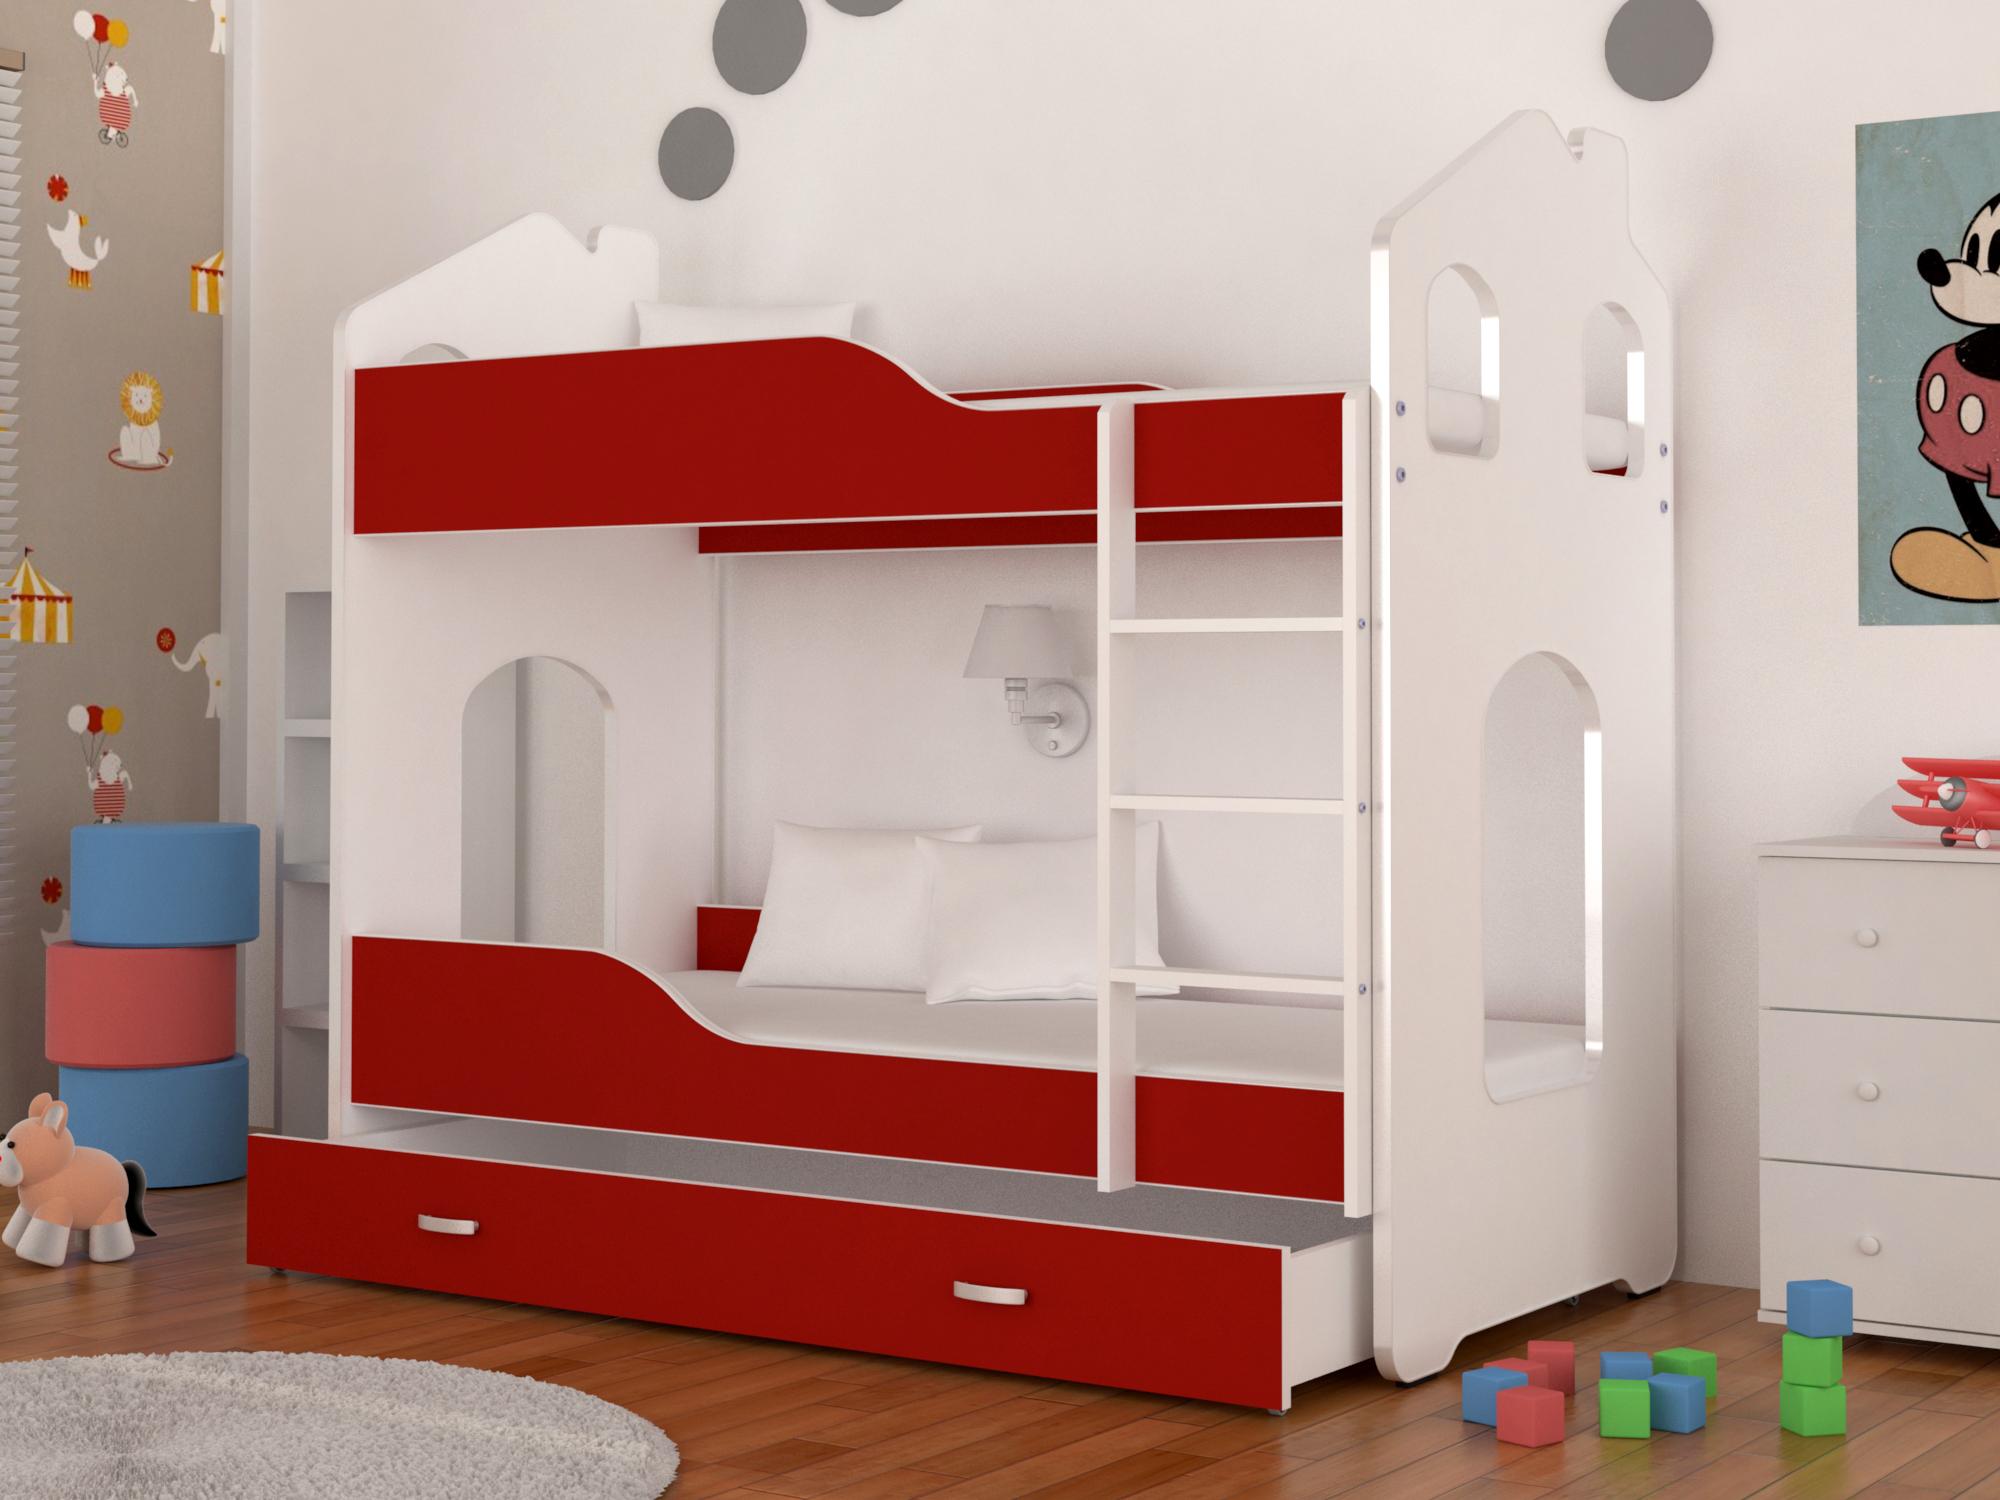 Dětská patrová postel PATRIK Domek + matrace + rošt ZDARMA, 180x80, bílá/červená